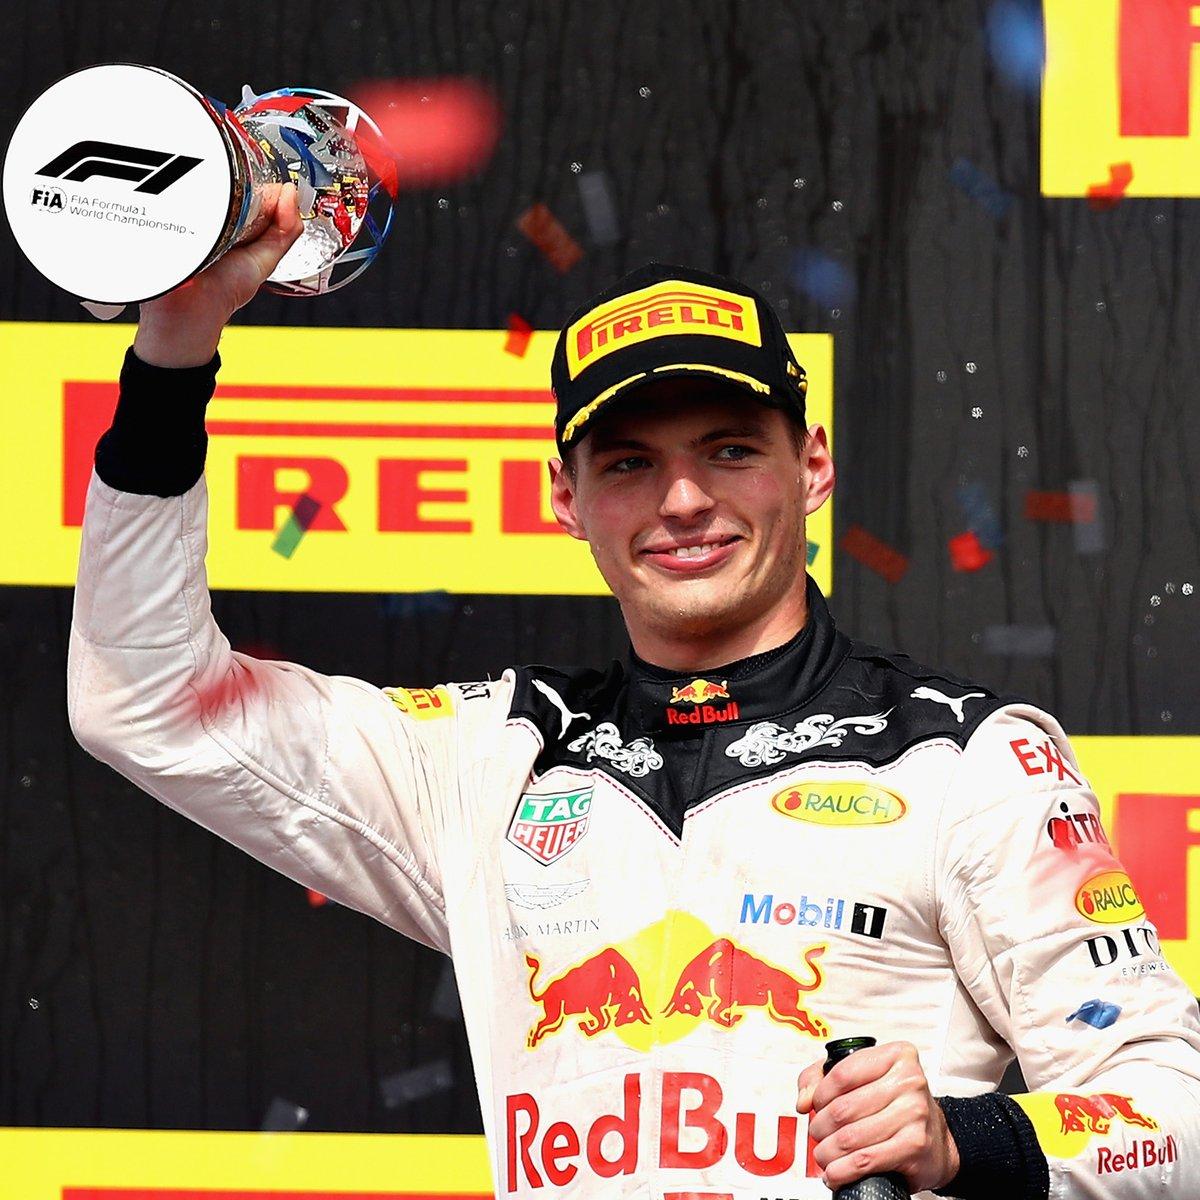 Gana Gran Premio de México el holandés Verstappen y británico Hamilton conquista Quinto Campeonato Mundial de F1